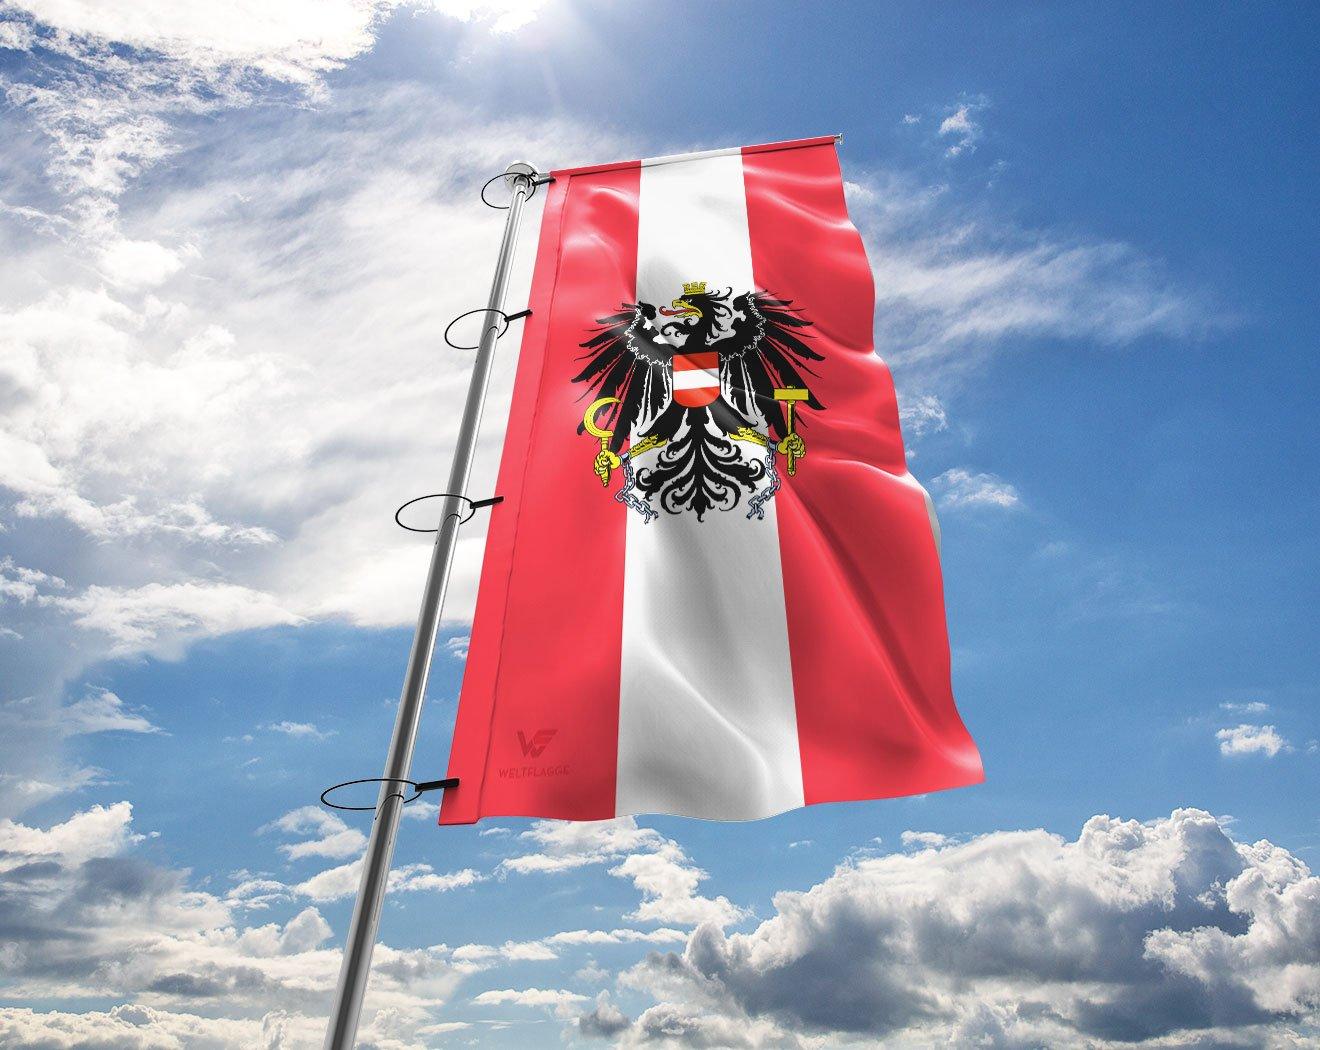 österreich österreichische Austria Fahne Mit Wappen Hissflagge